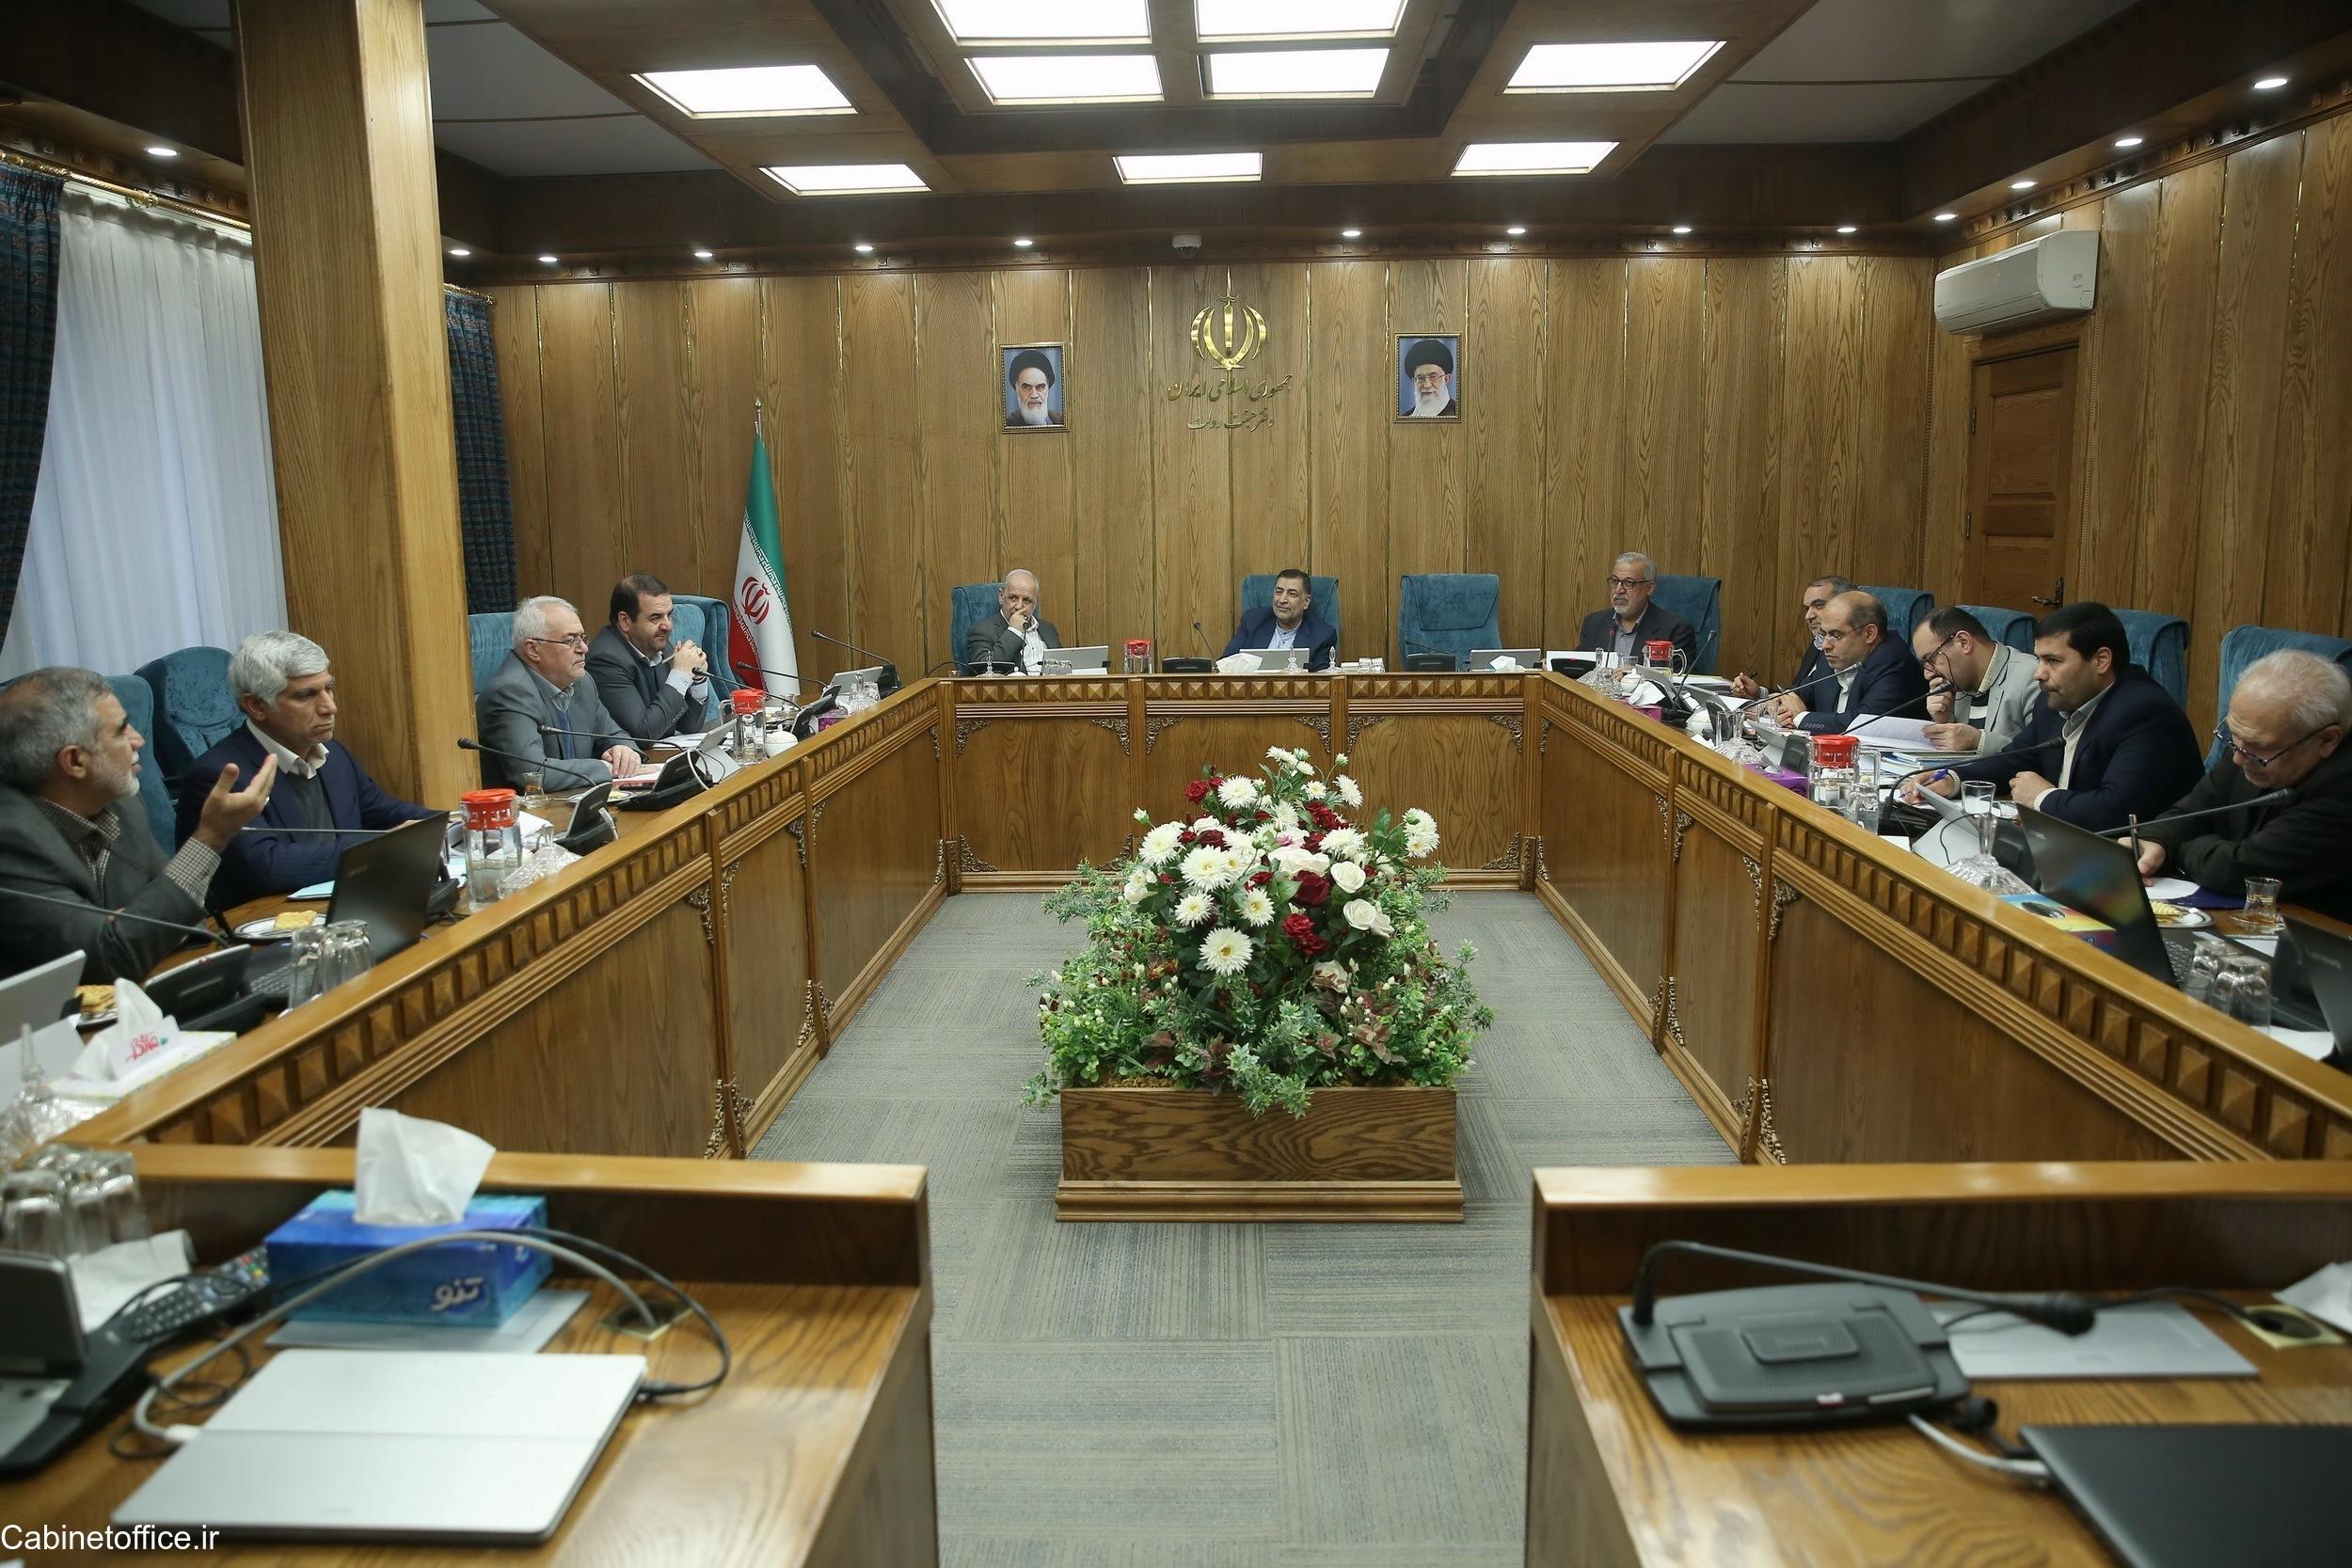 لایحه ایجاد نهاد ملی حقوق بشر و شهروندی، در انتظار تصویب هیئت وزیران